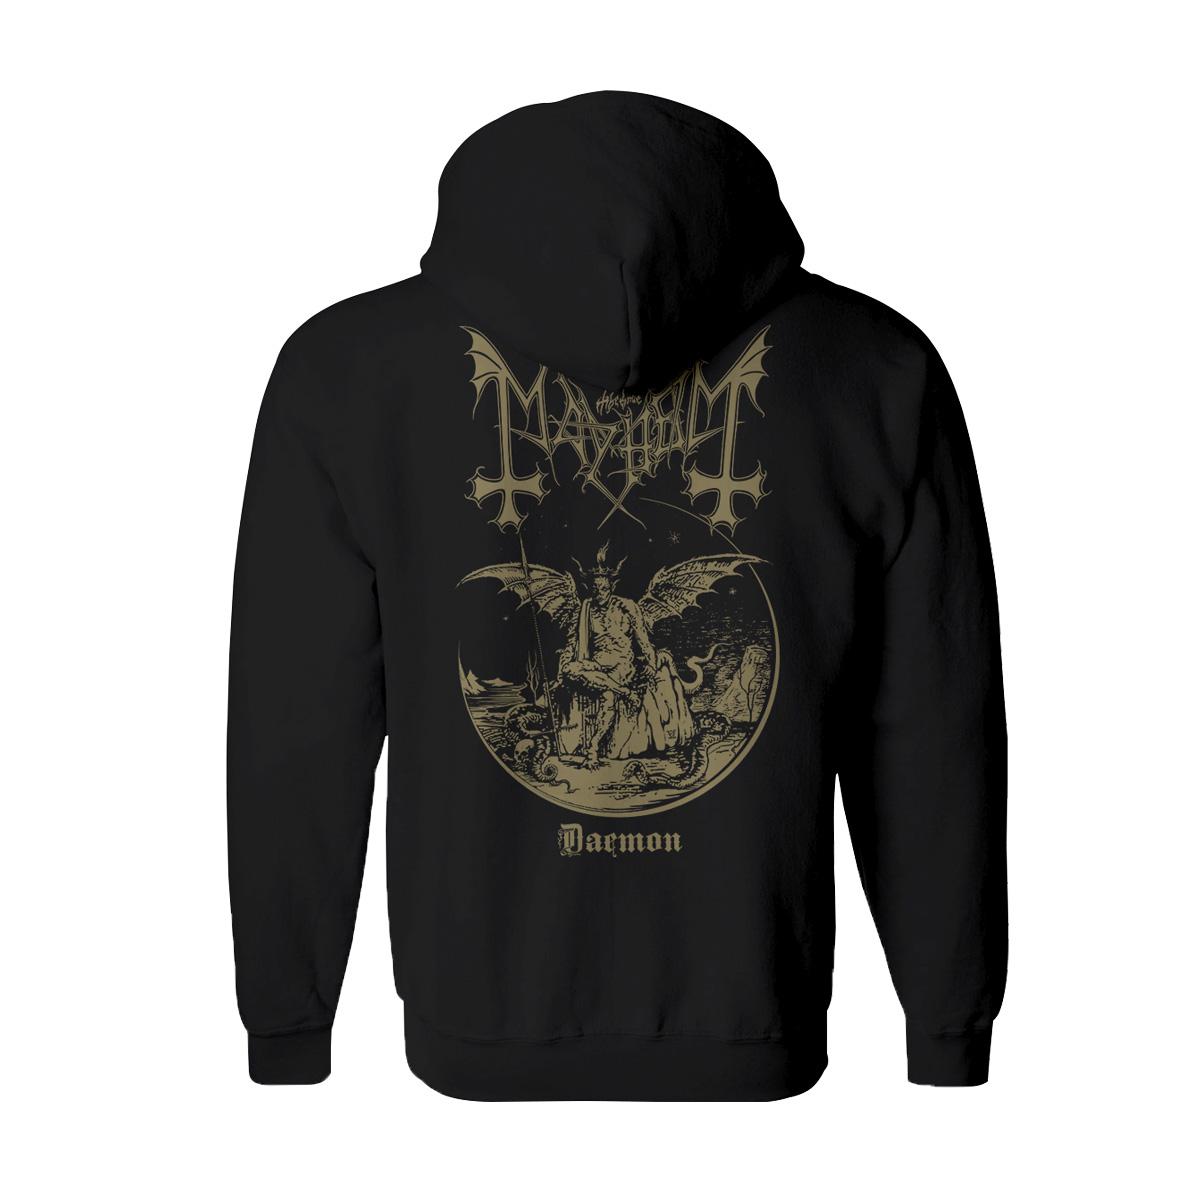 Mayhem - Daemon Zip-Up Hoodie